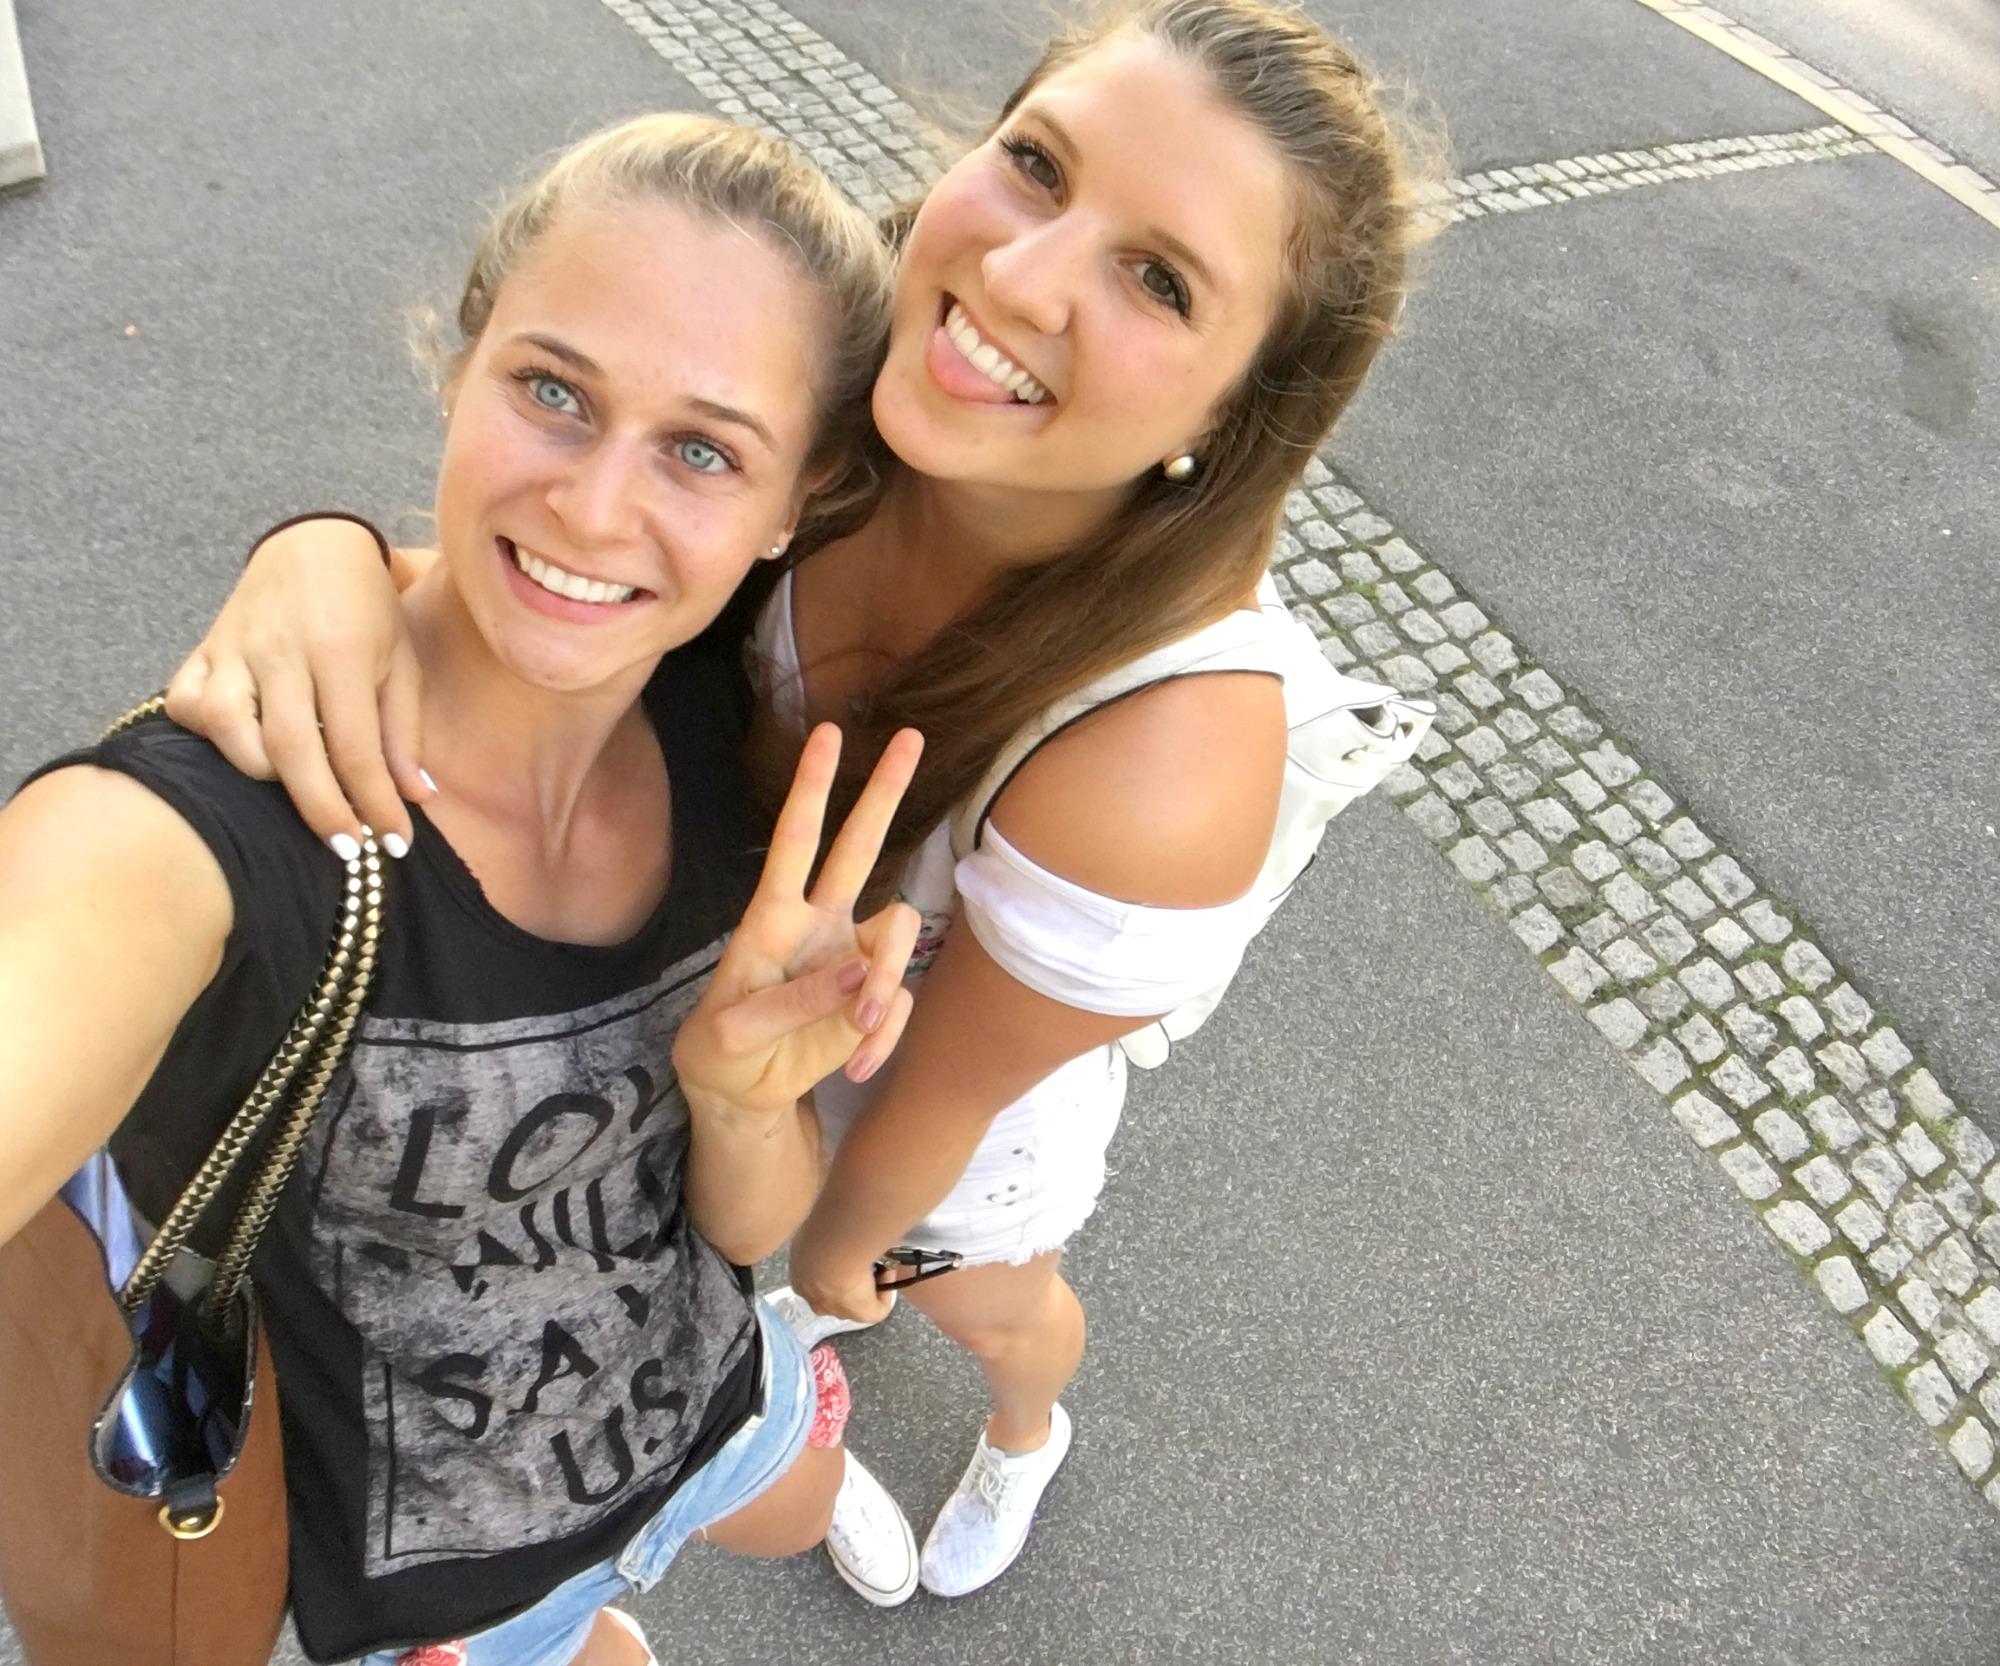 fitnessblog-klara-fuchs-fitness-blog-sport-gesundheit-fit-blogger-österreich-graz-wien-1